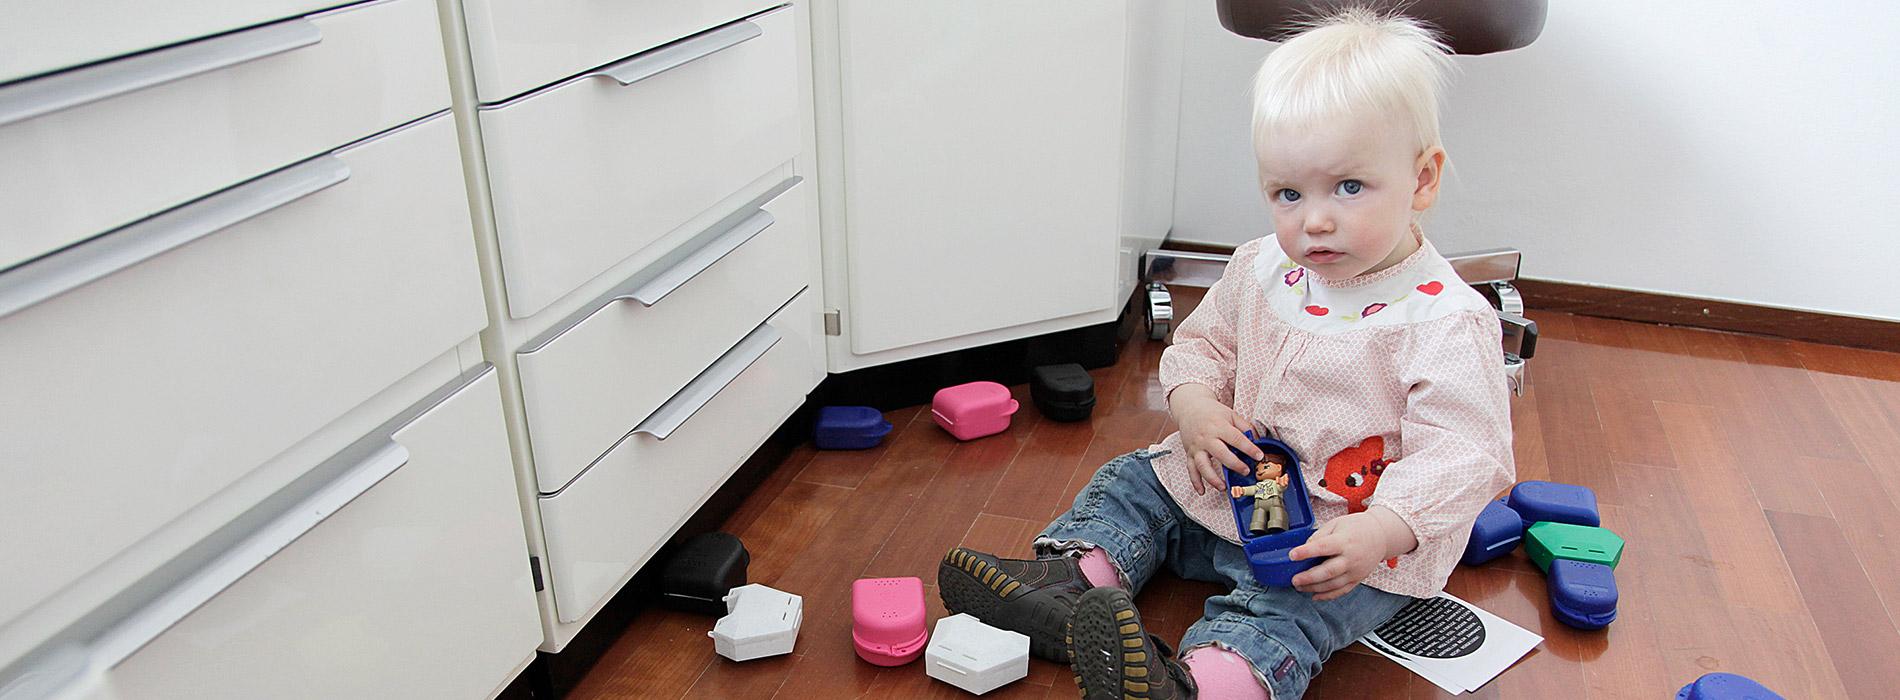 Kind spielt mit Zahnspangen-Dosen